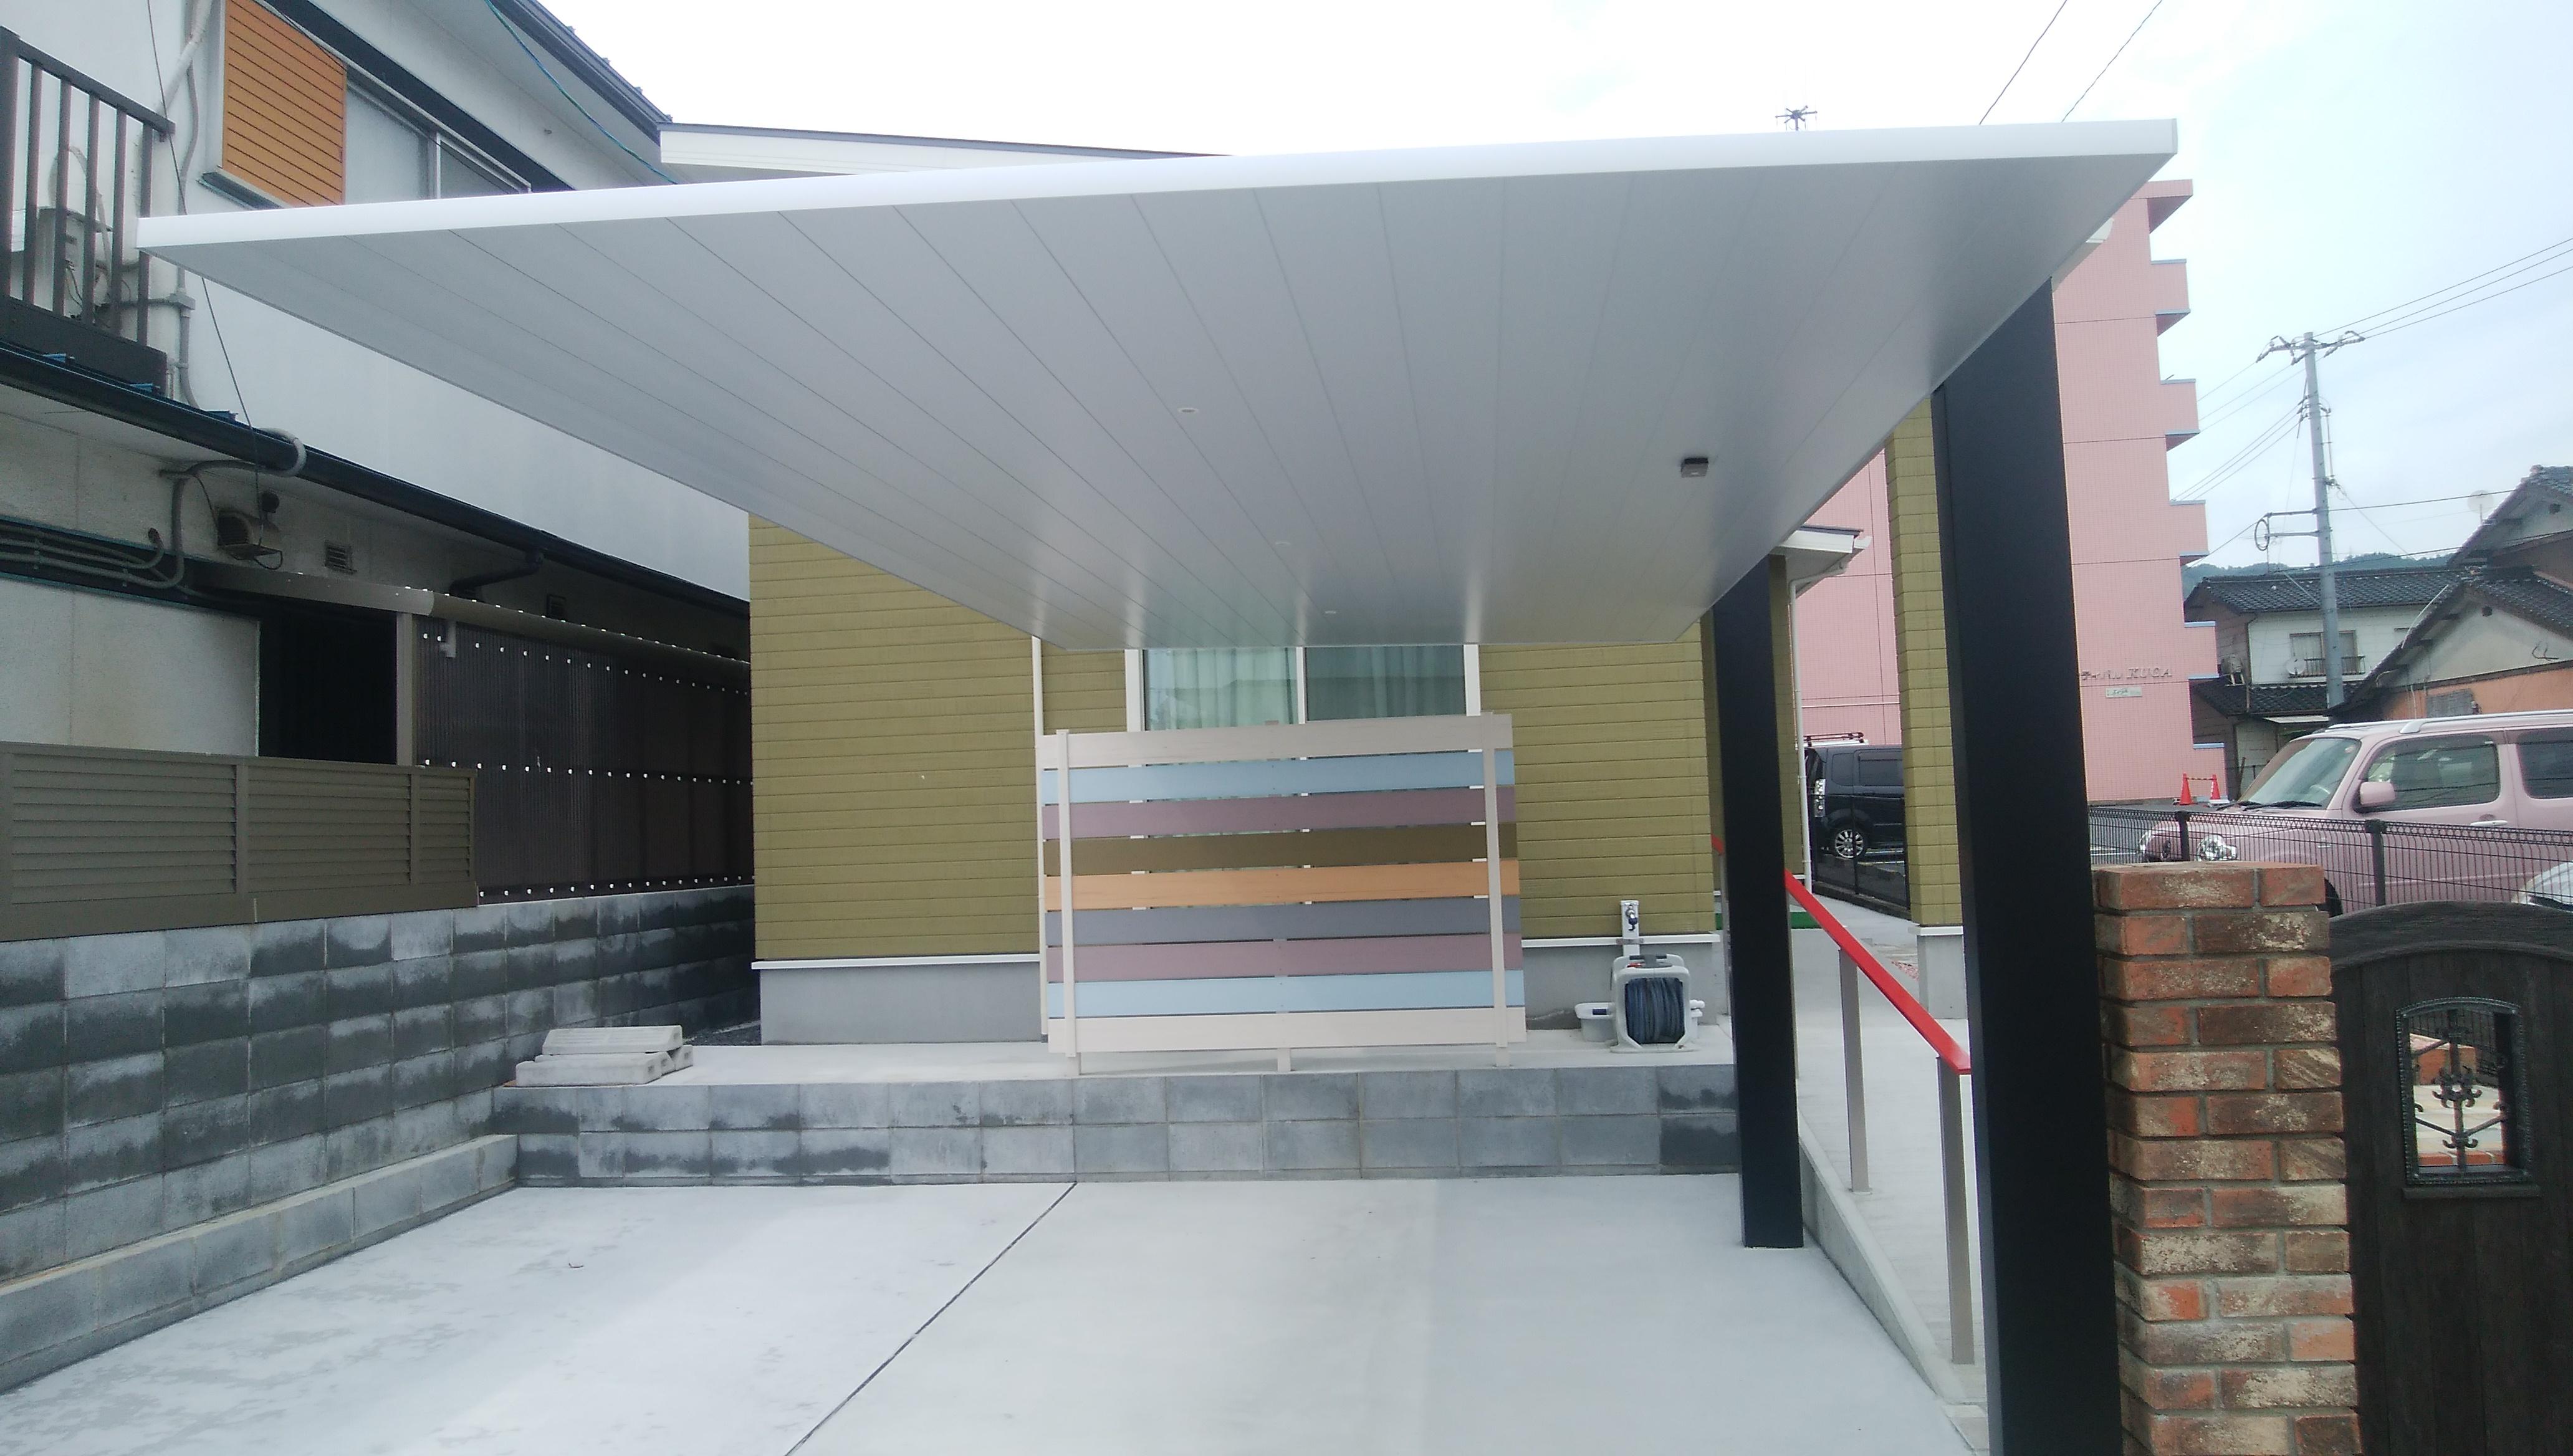 ギャラリーパティオの外構工事 その2 カーポートの施工事例写真